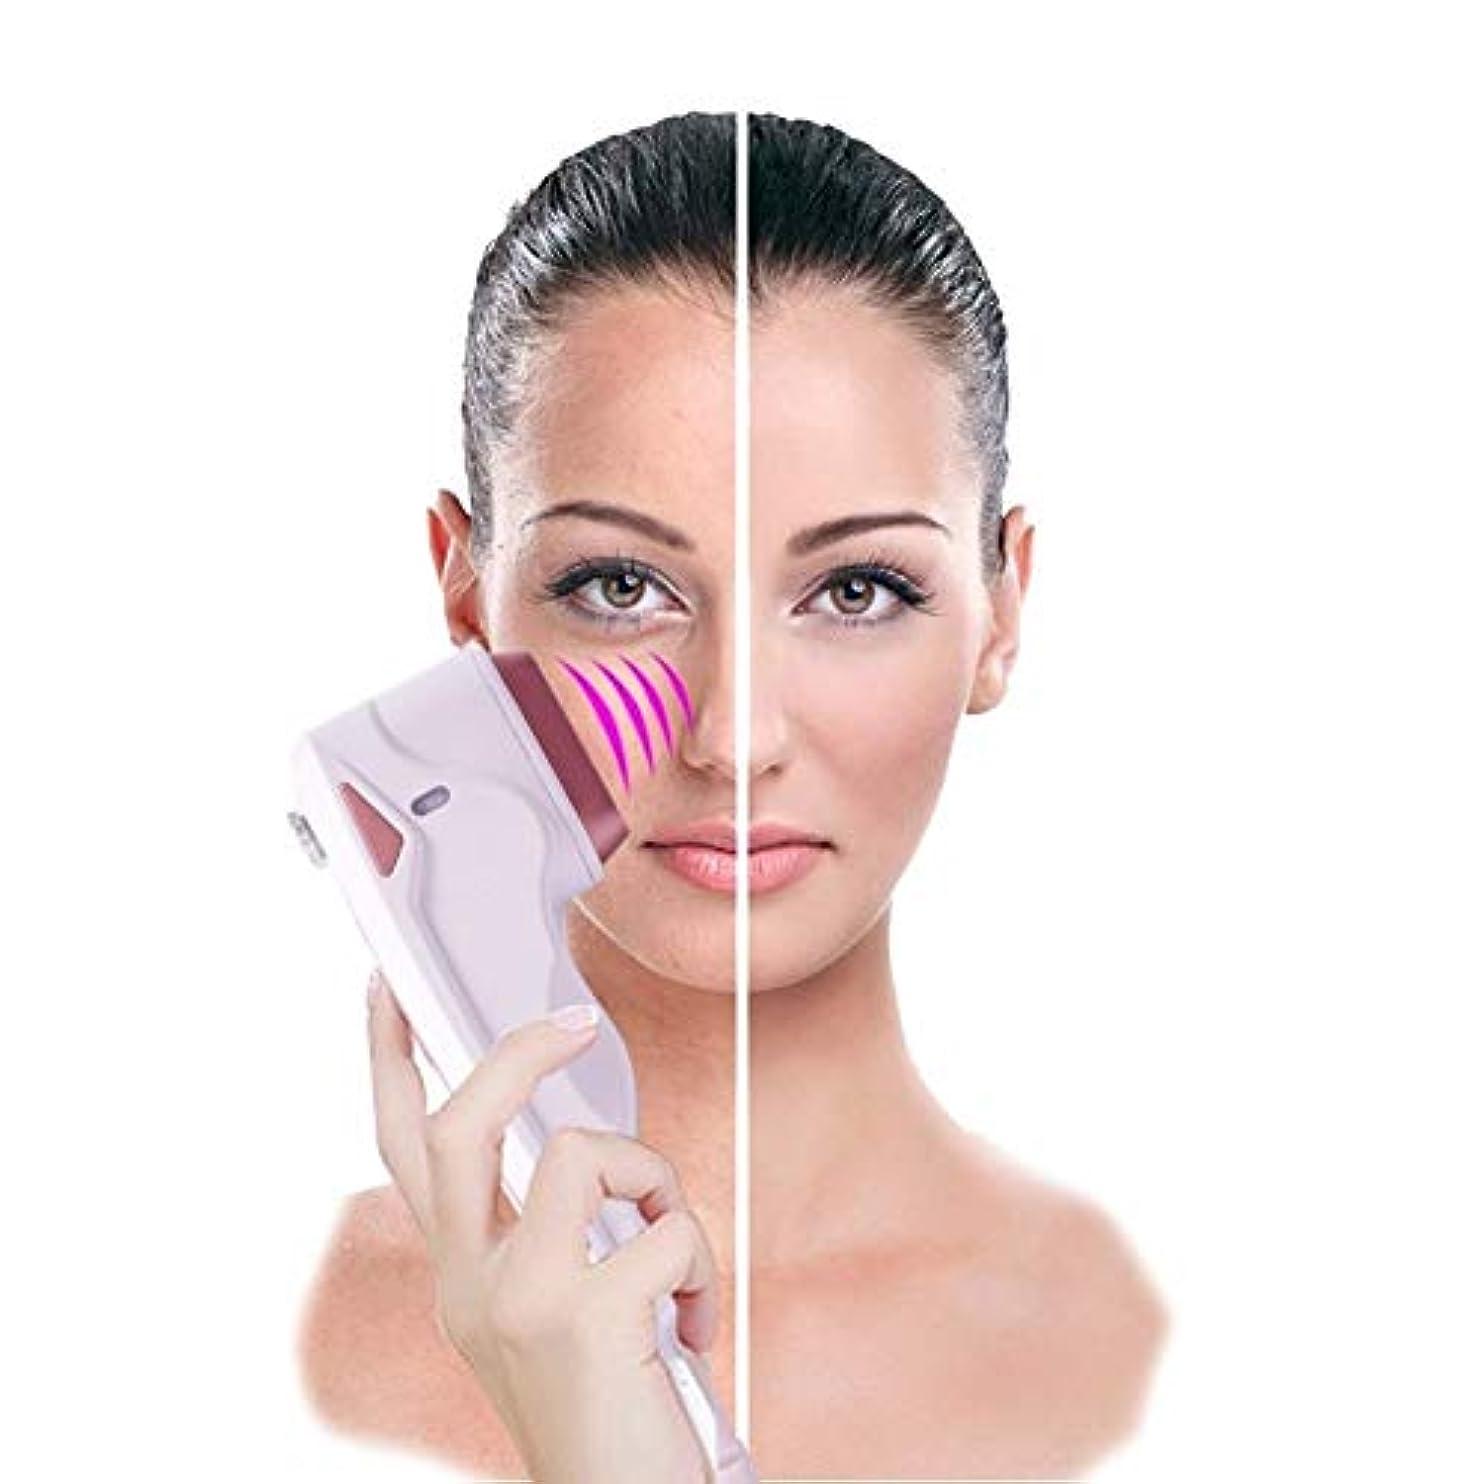 薄汚い負粘着性美顔術の持ち上がる機械振動無線周波数のしわは反老化のためのスキンケアの美装置を取り除きます、皮膚のきつく締まるガルバニック微電流の改装機械